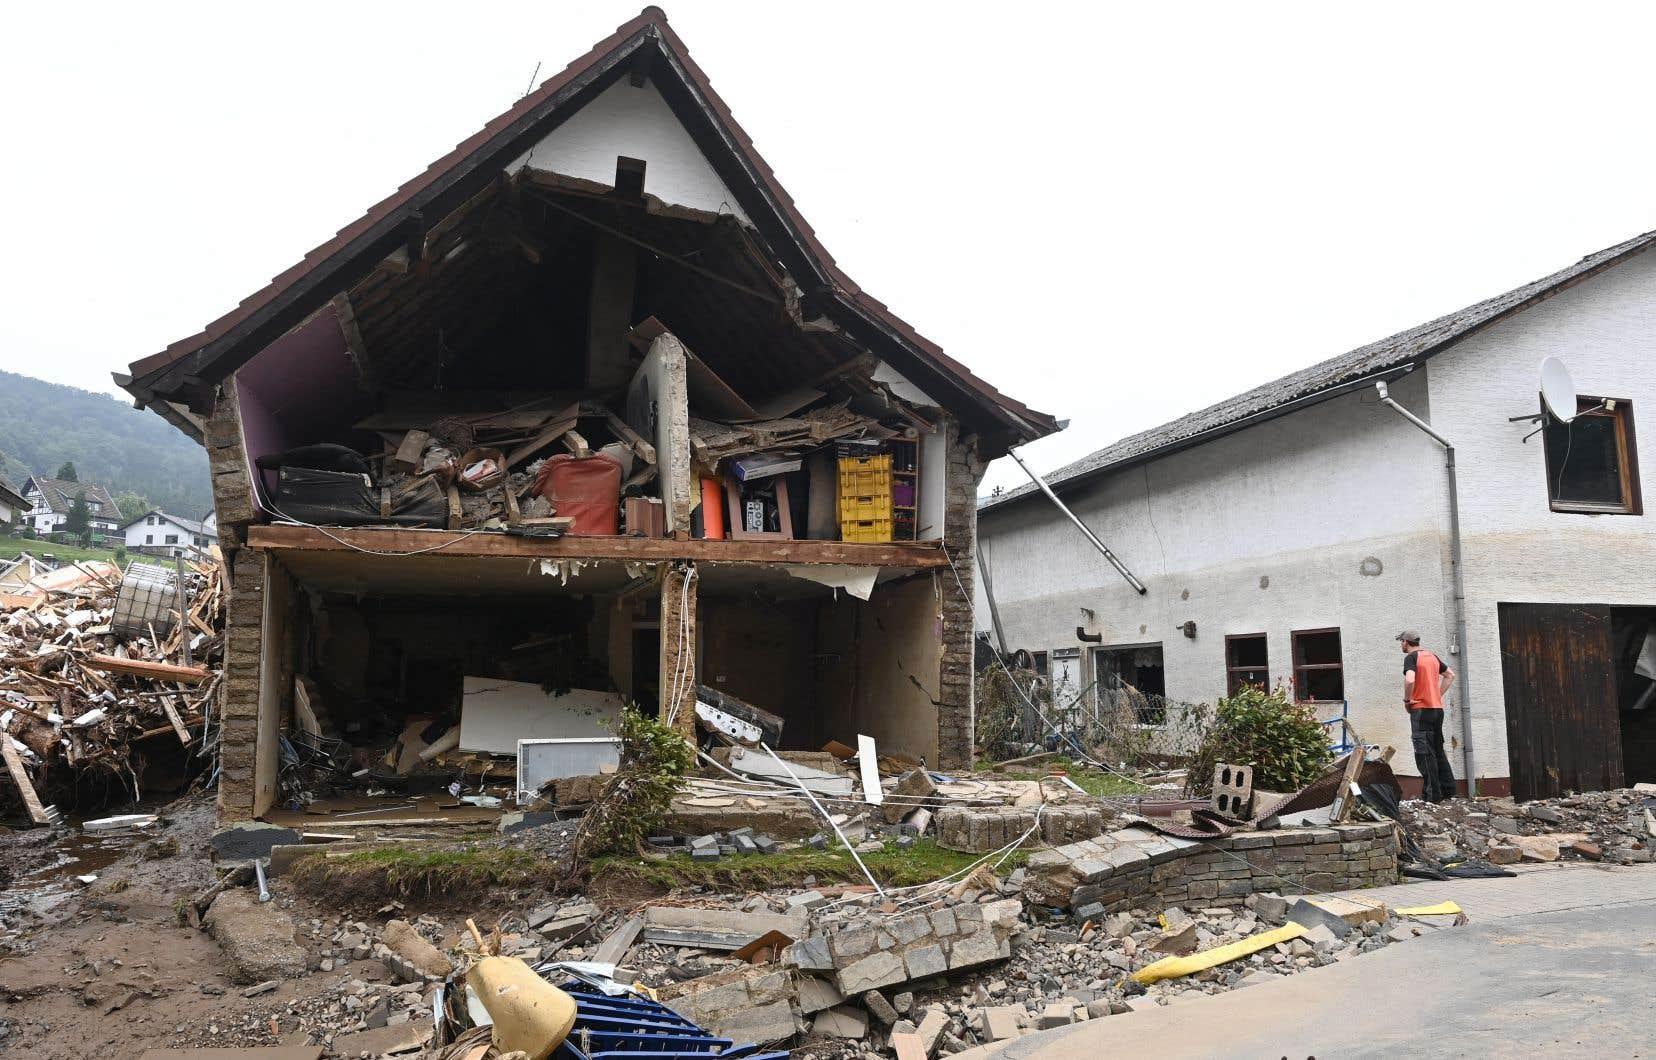 La chancelière Angela Merkel doit se rendre dimanche dans le village de Schuld, en Rhénanie-Palatinat, qualifié de «martyr» car tout ou presque y a été détruit.